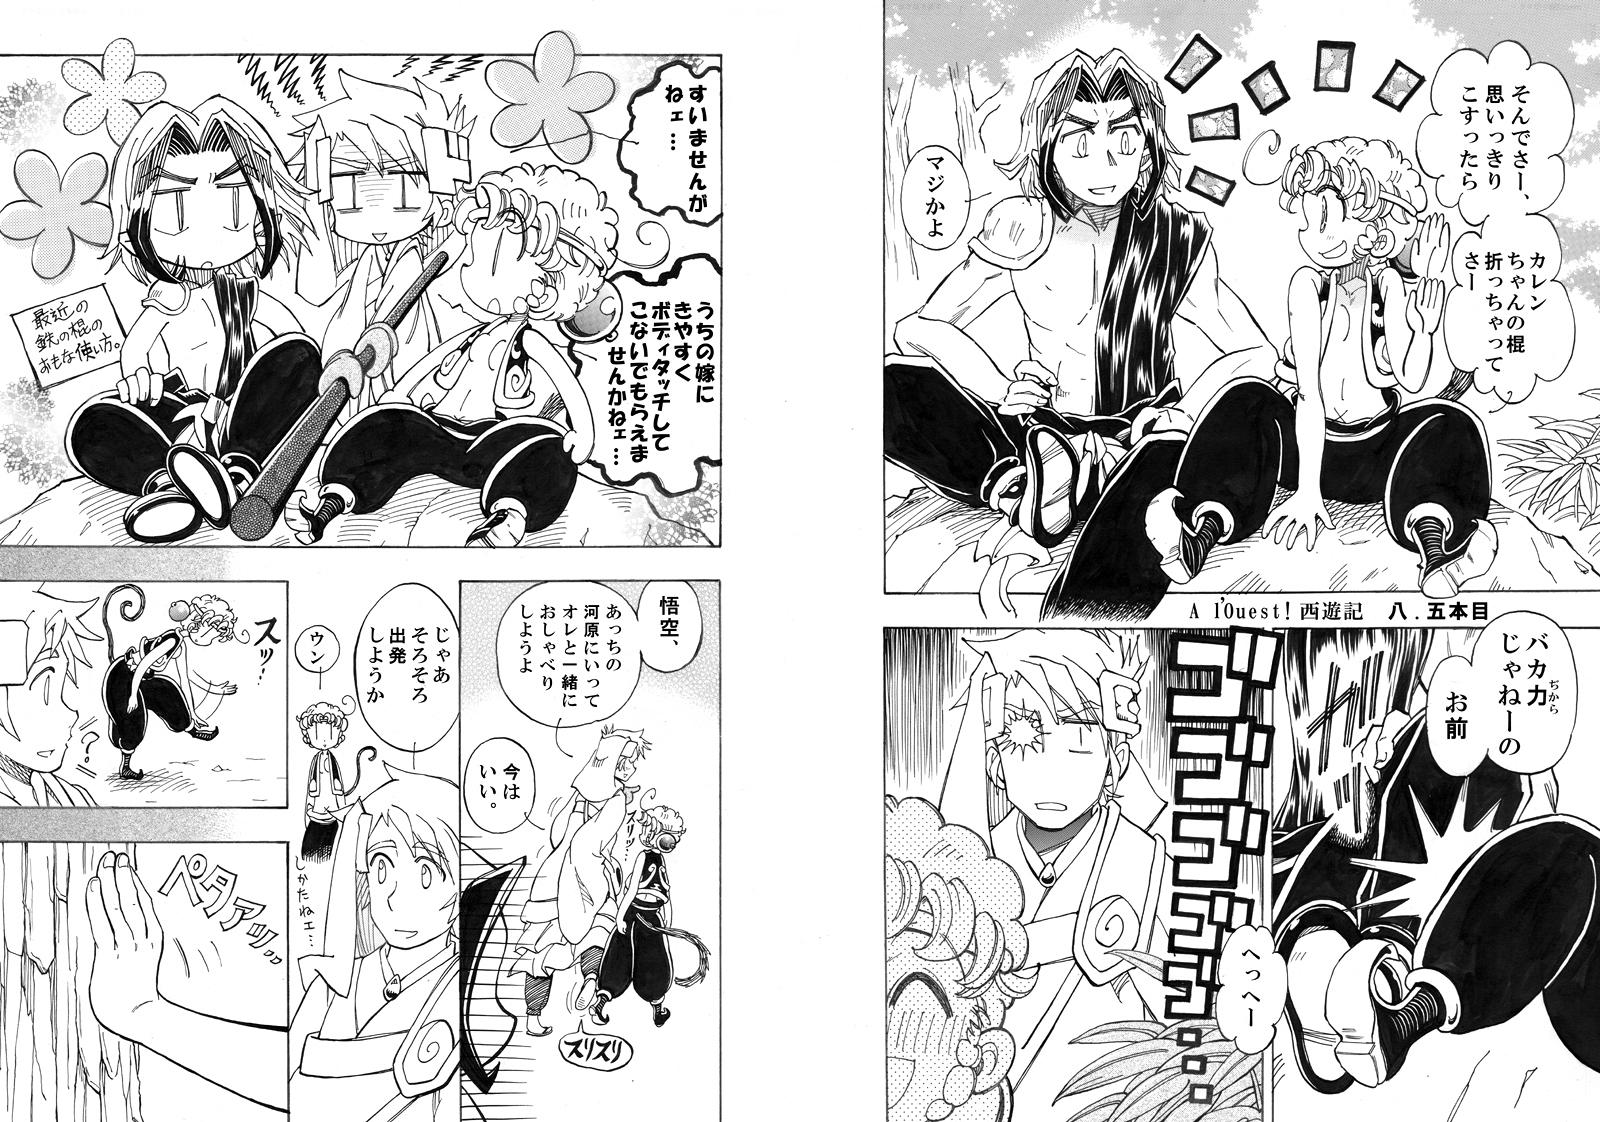 AlOUestSAIYUKI8.5-1,2 by daichikawacemi